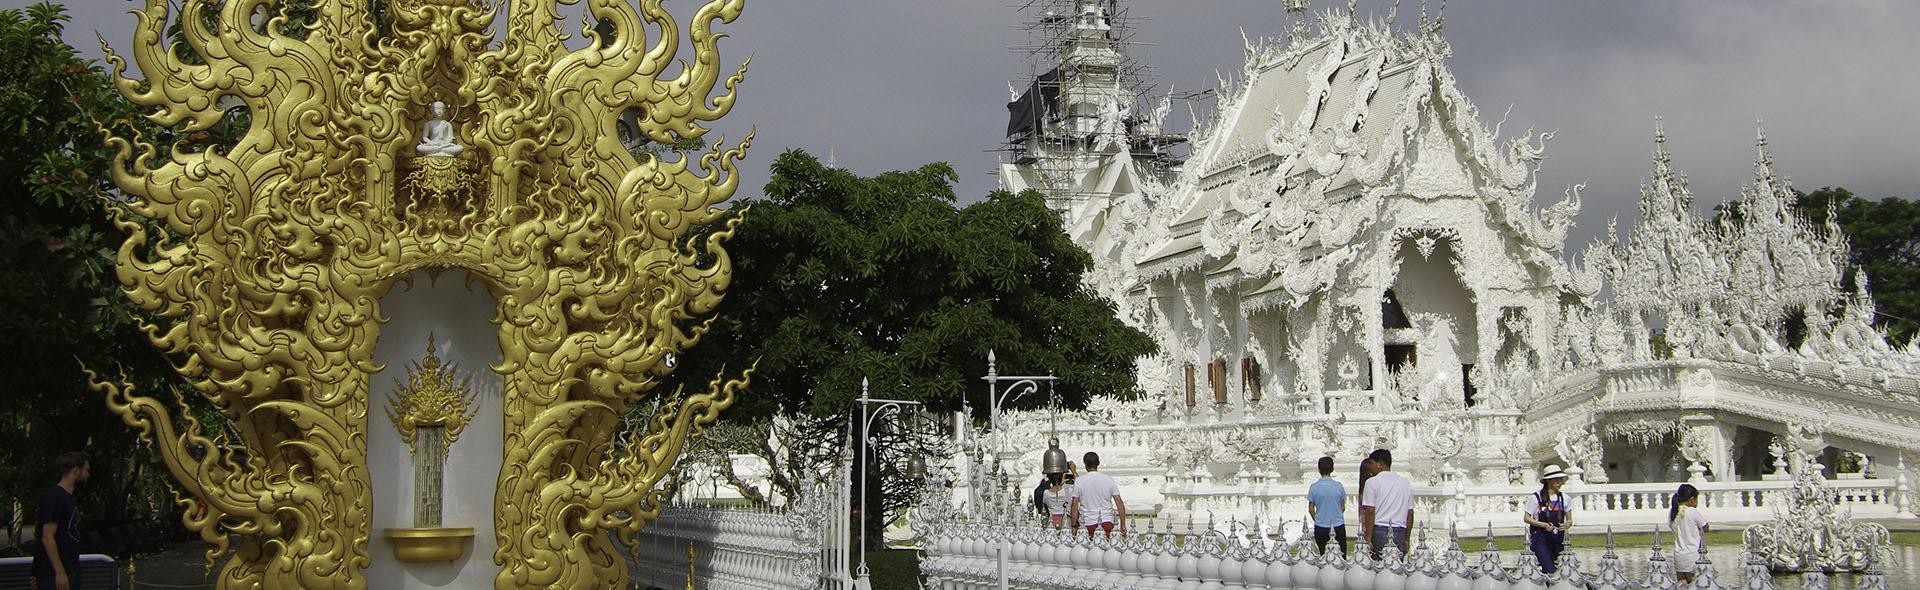 Der schneeweiße Tempel